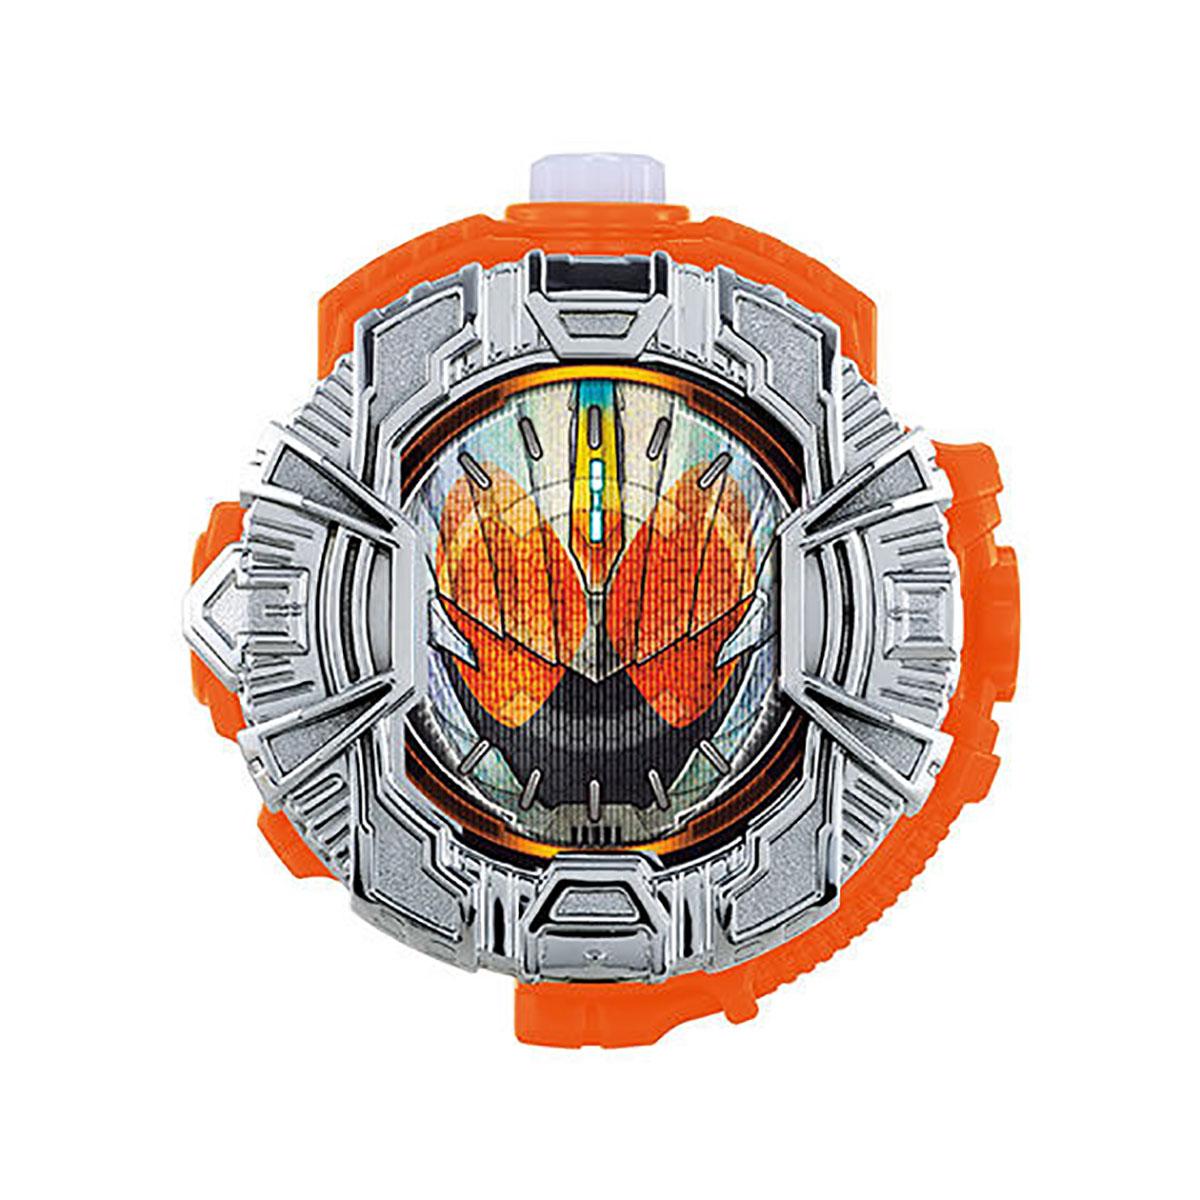 仮面ライダージオウ サウンドライドウォッチシリーズ『GPライドウォッチ11』ガシャポン-006